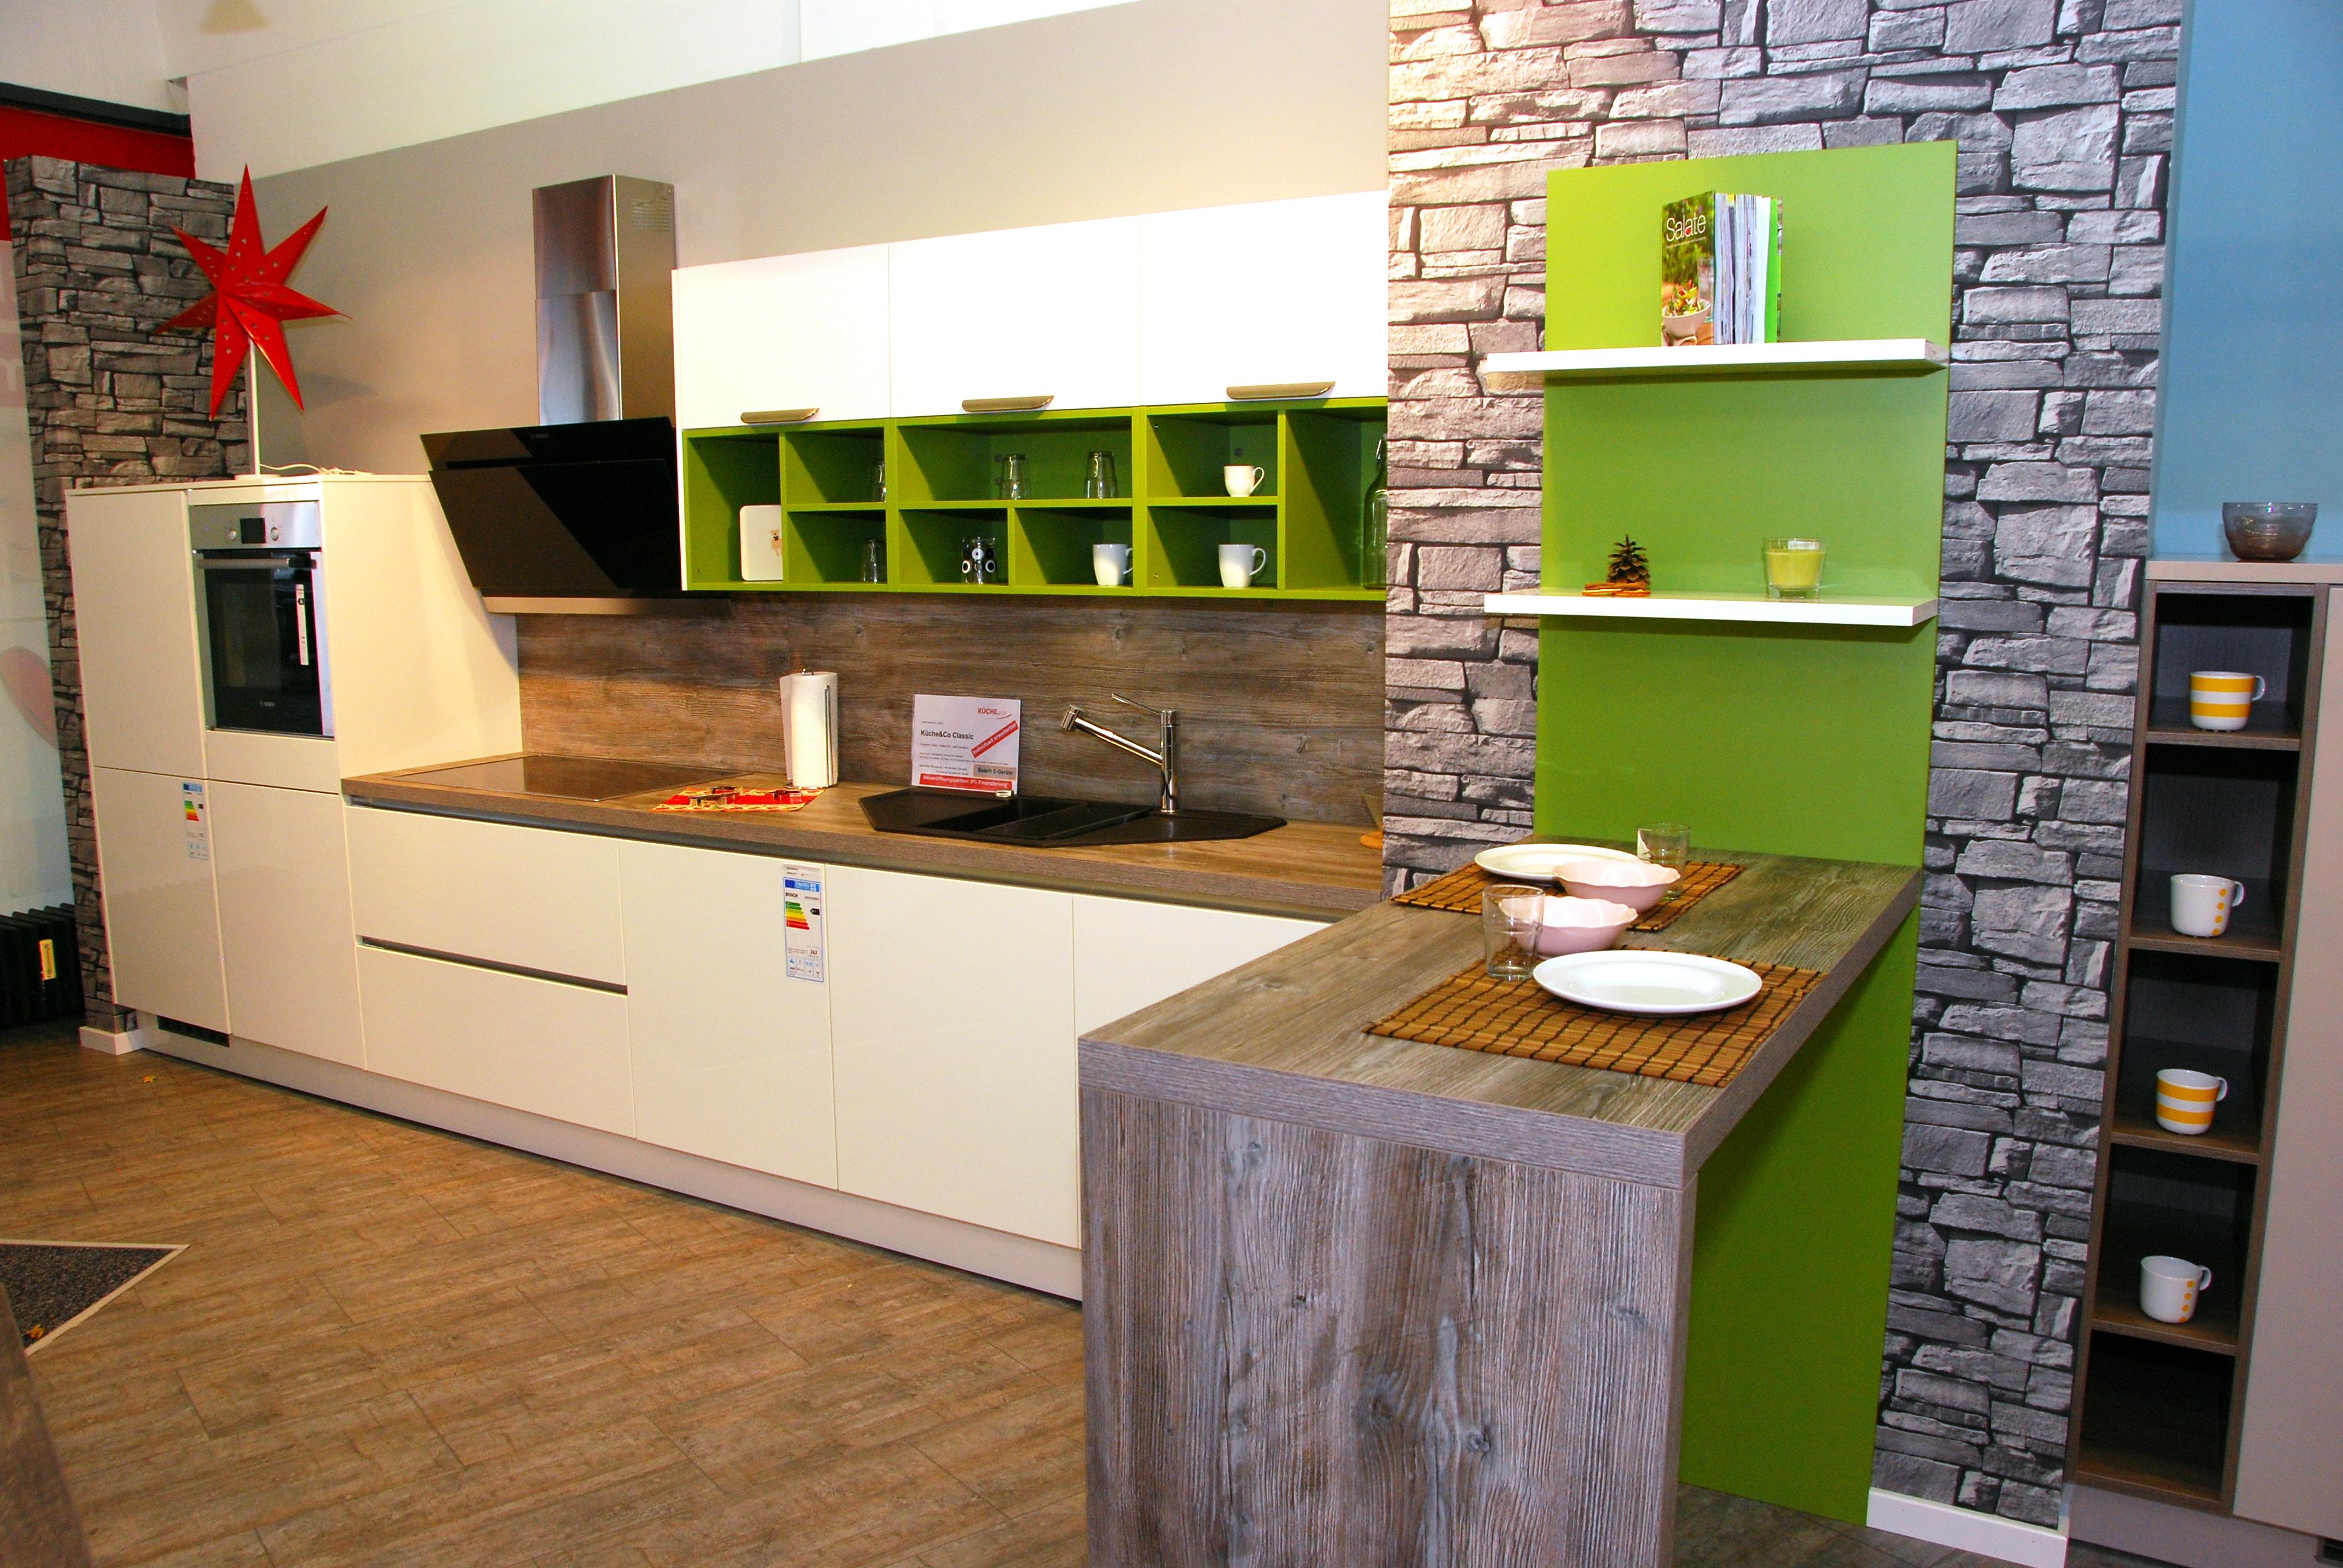 k chen in st wendel. Black Bedroom Furniture Sets. Home Design Ideas